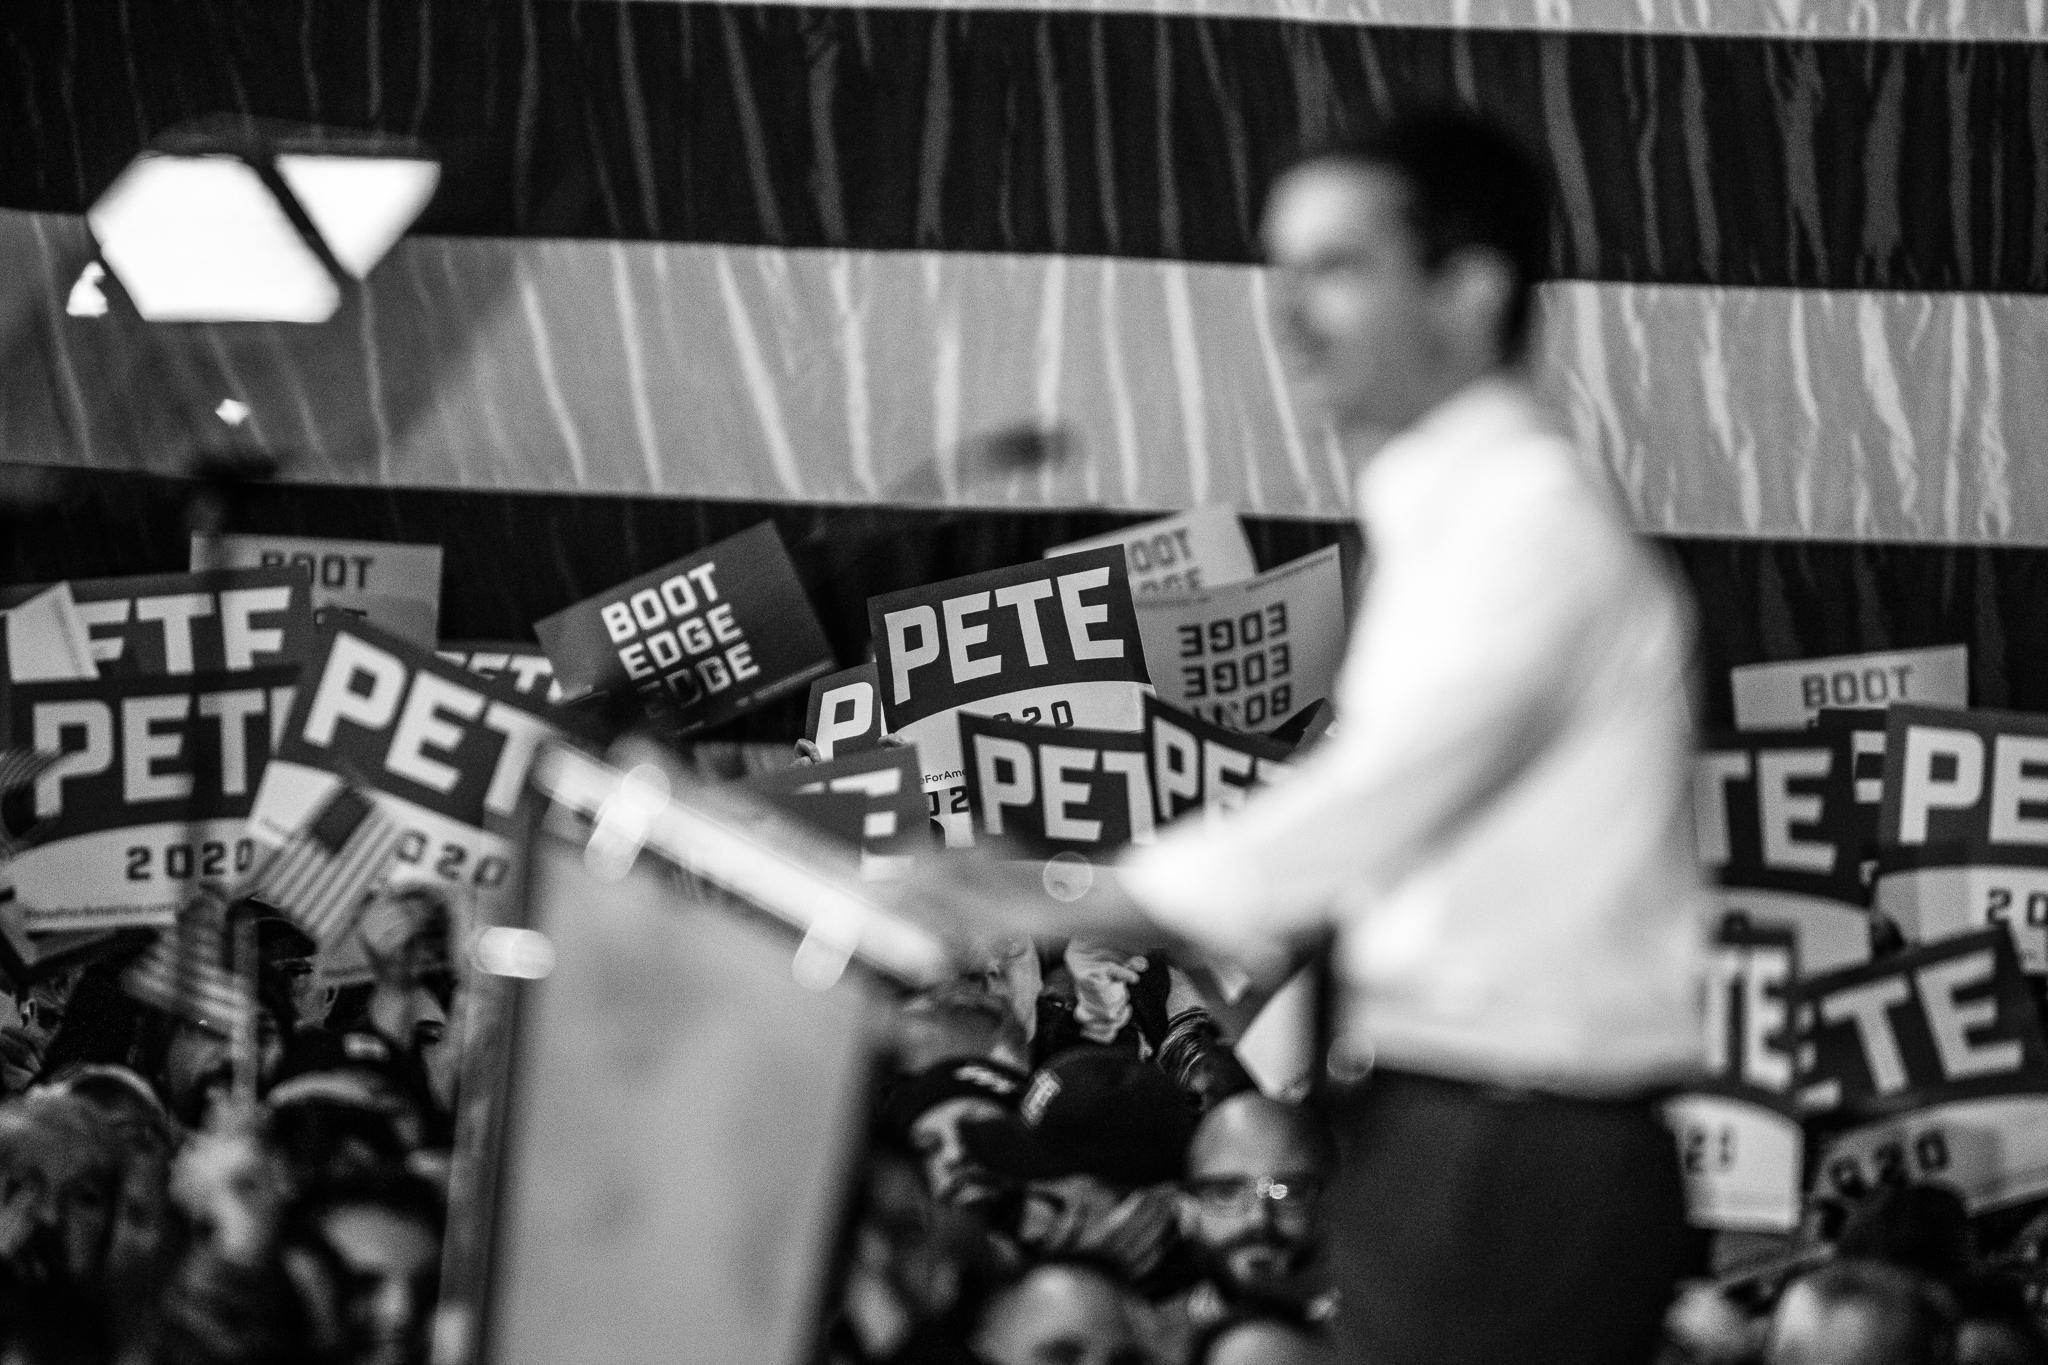 Pete-020.jpg